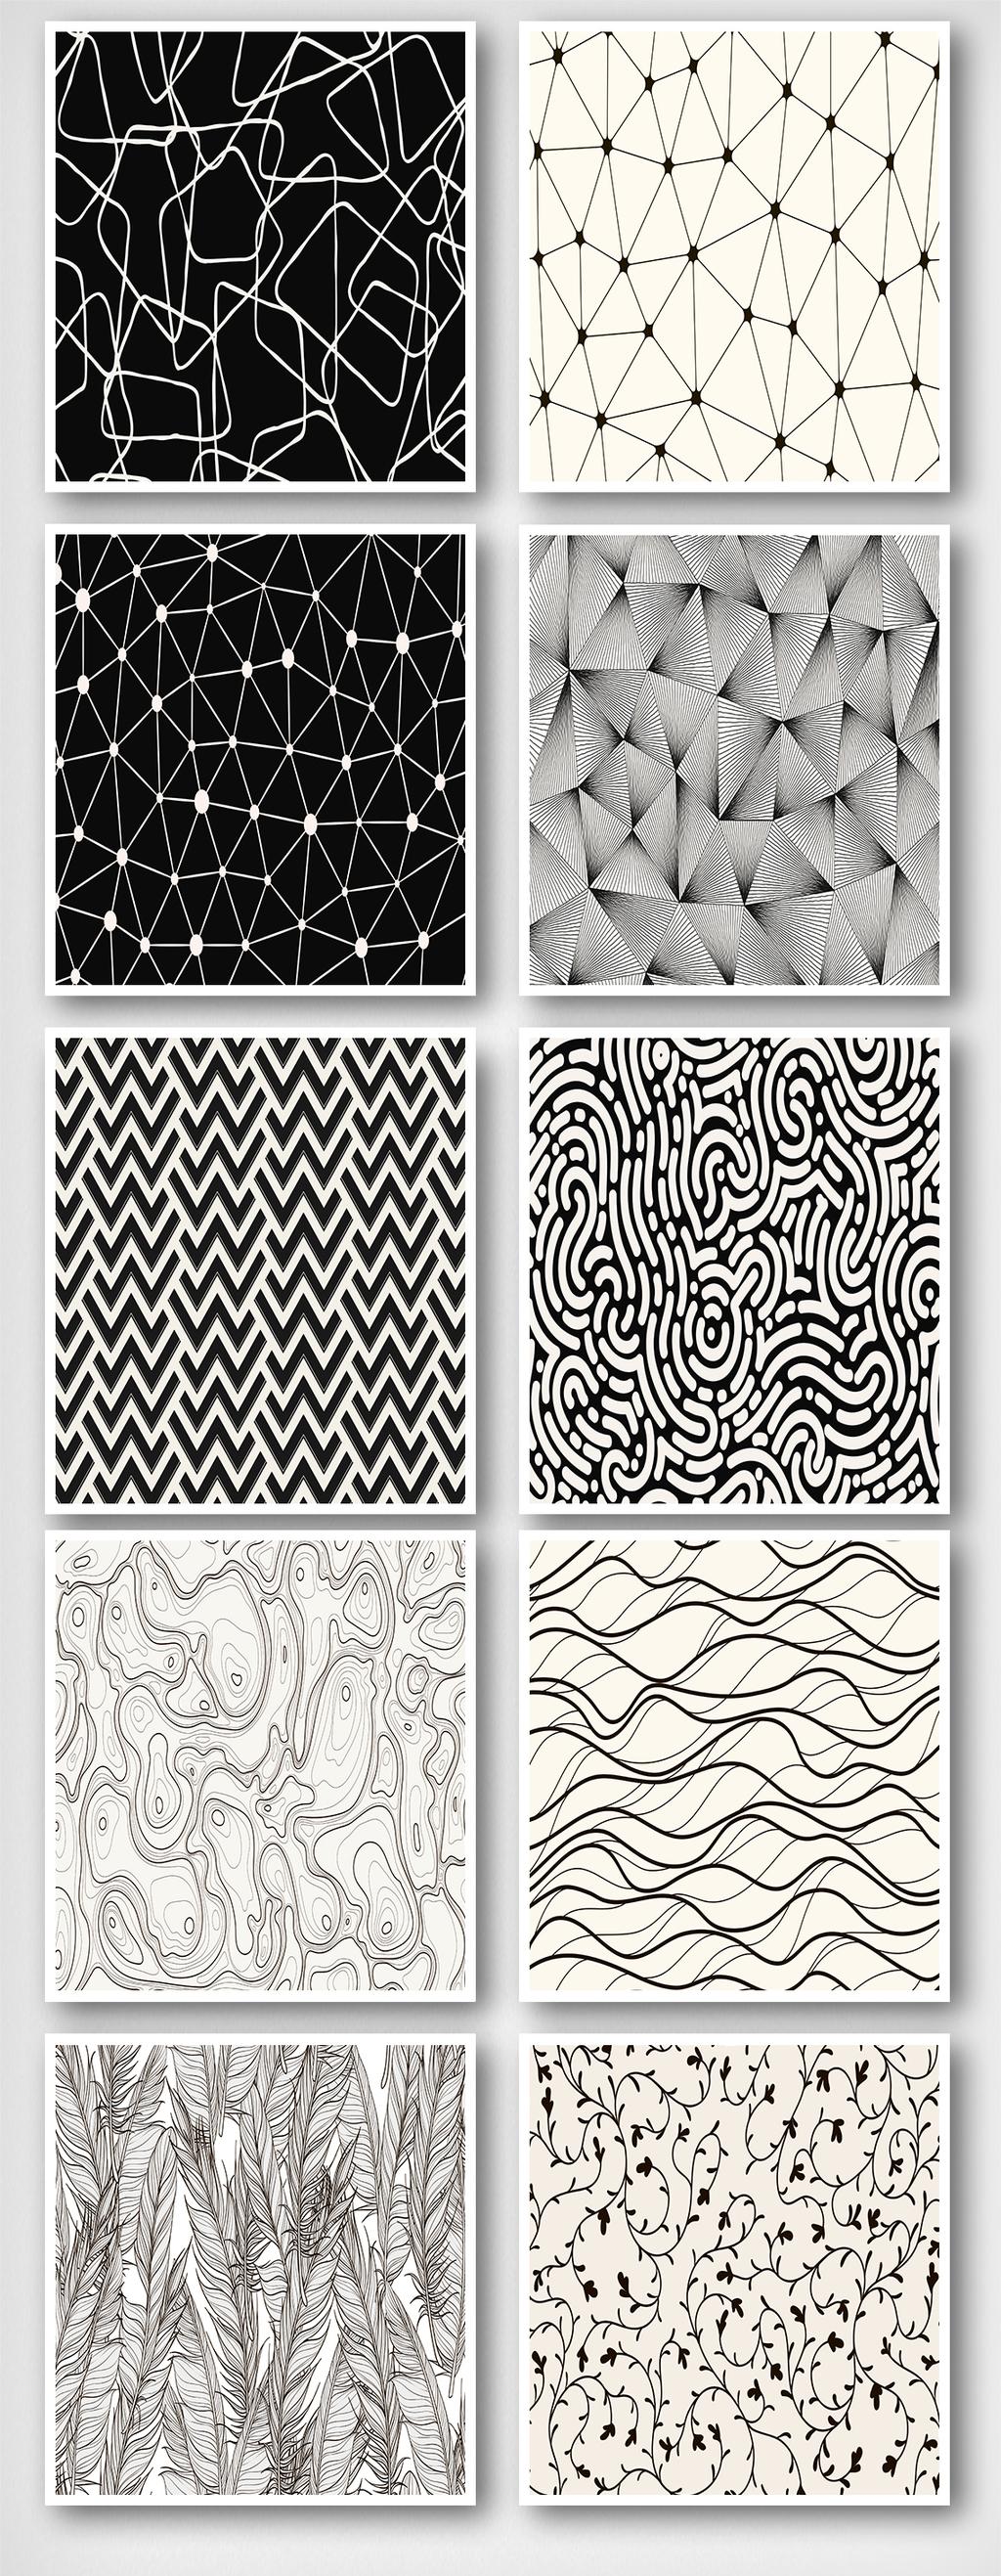 黑白流线抽象背景线条底纹效果图平面设计图片素材()图片